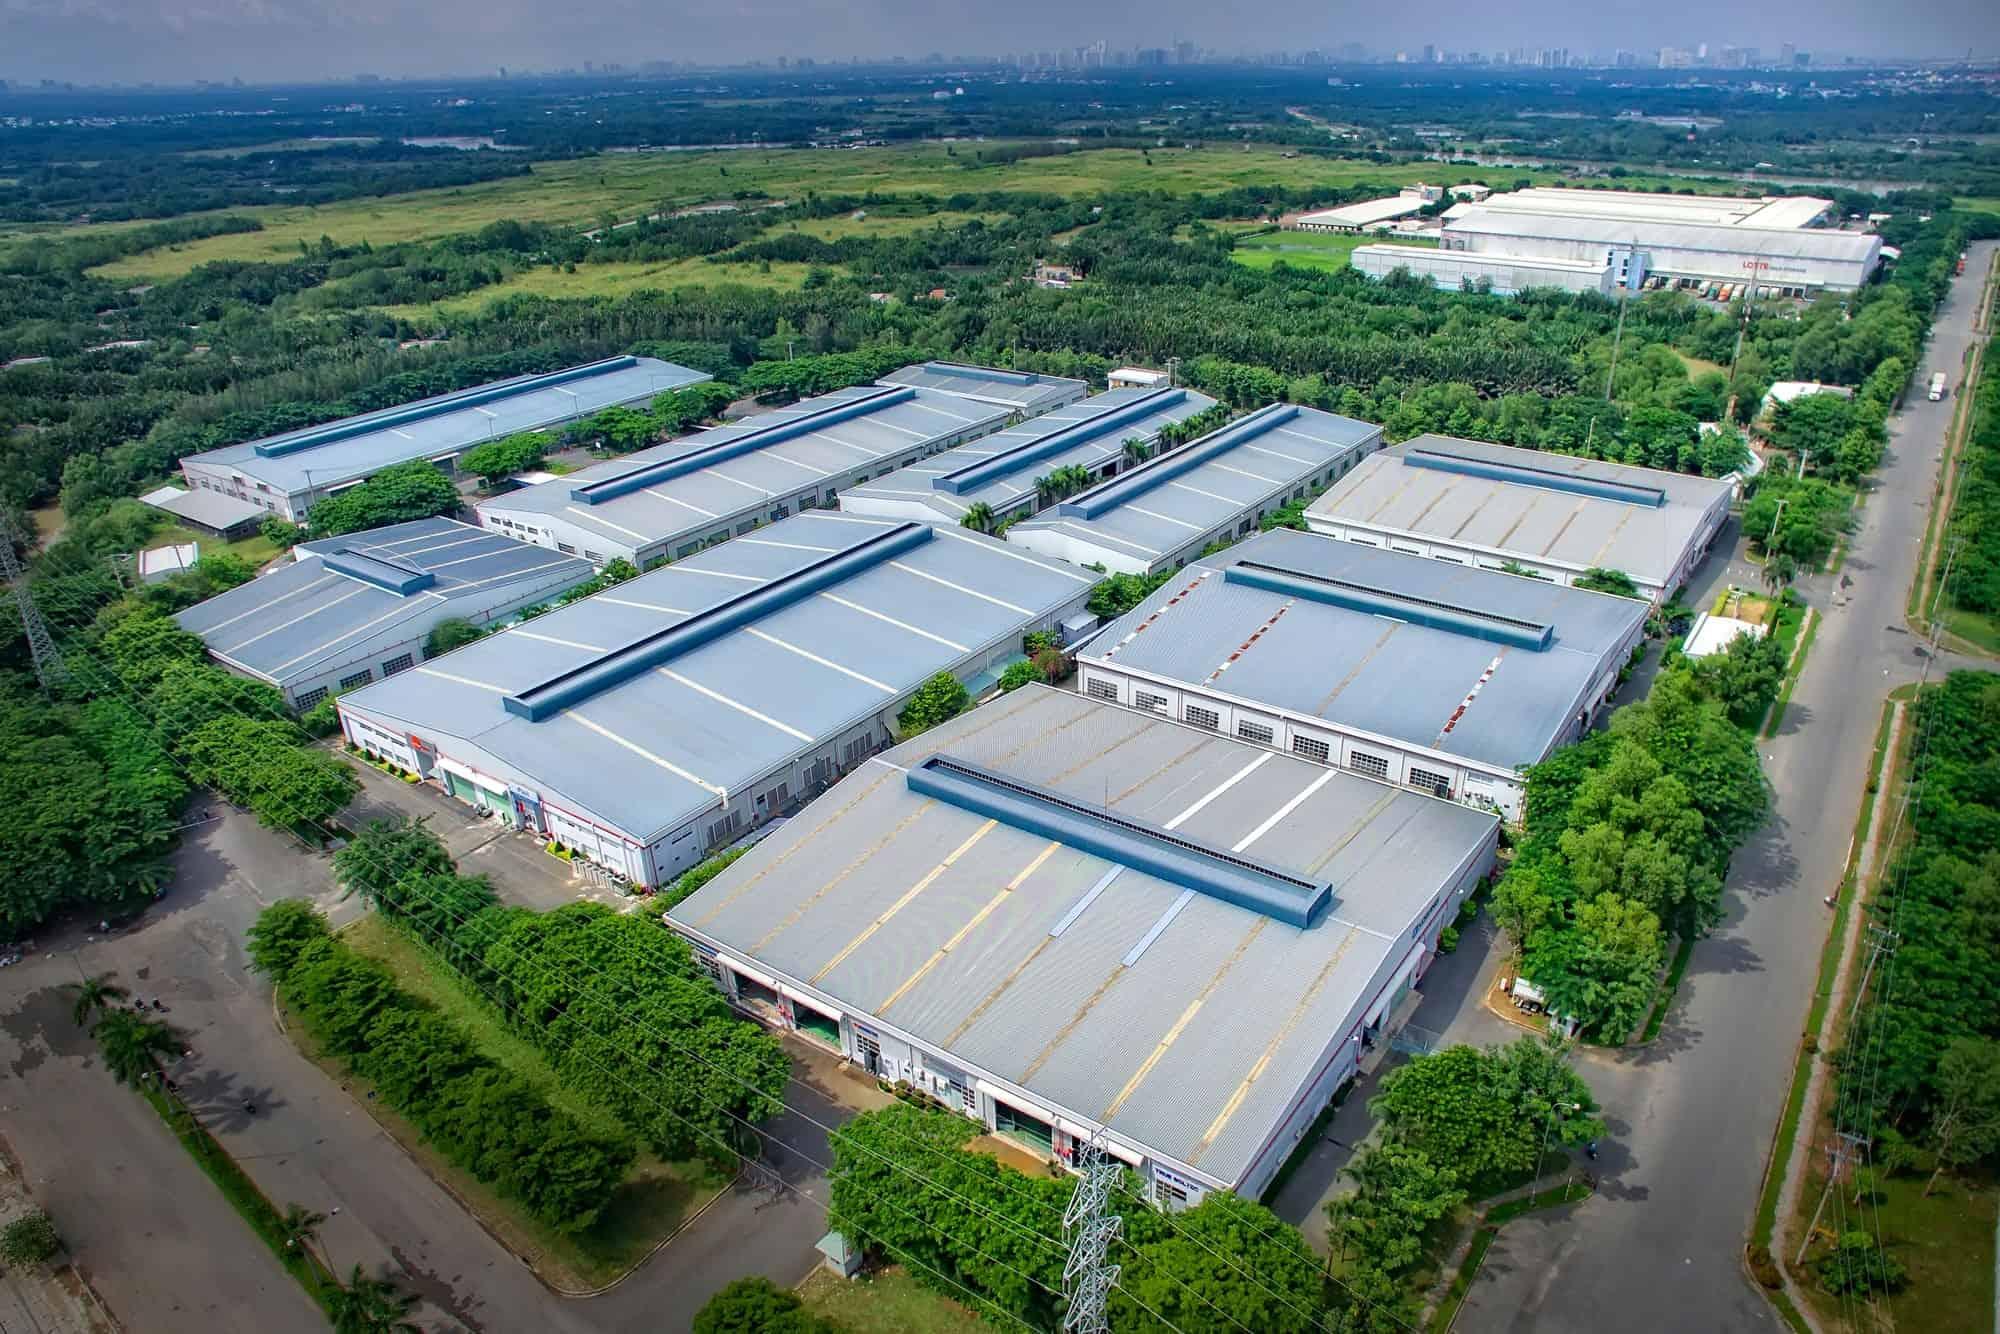 cảnh quan khu công nghiệp